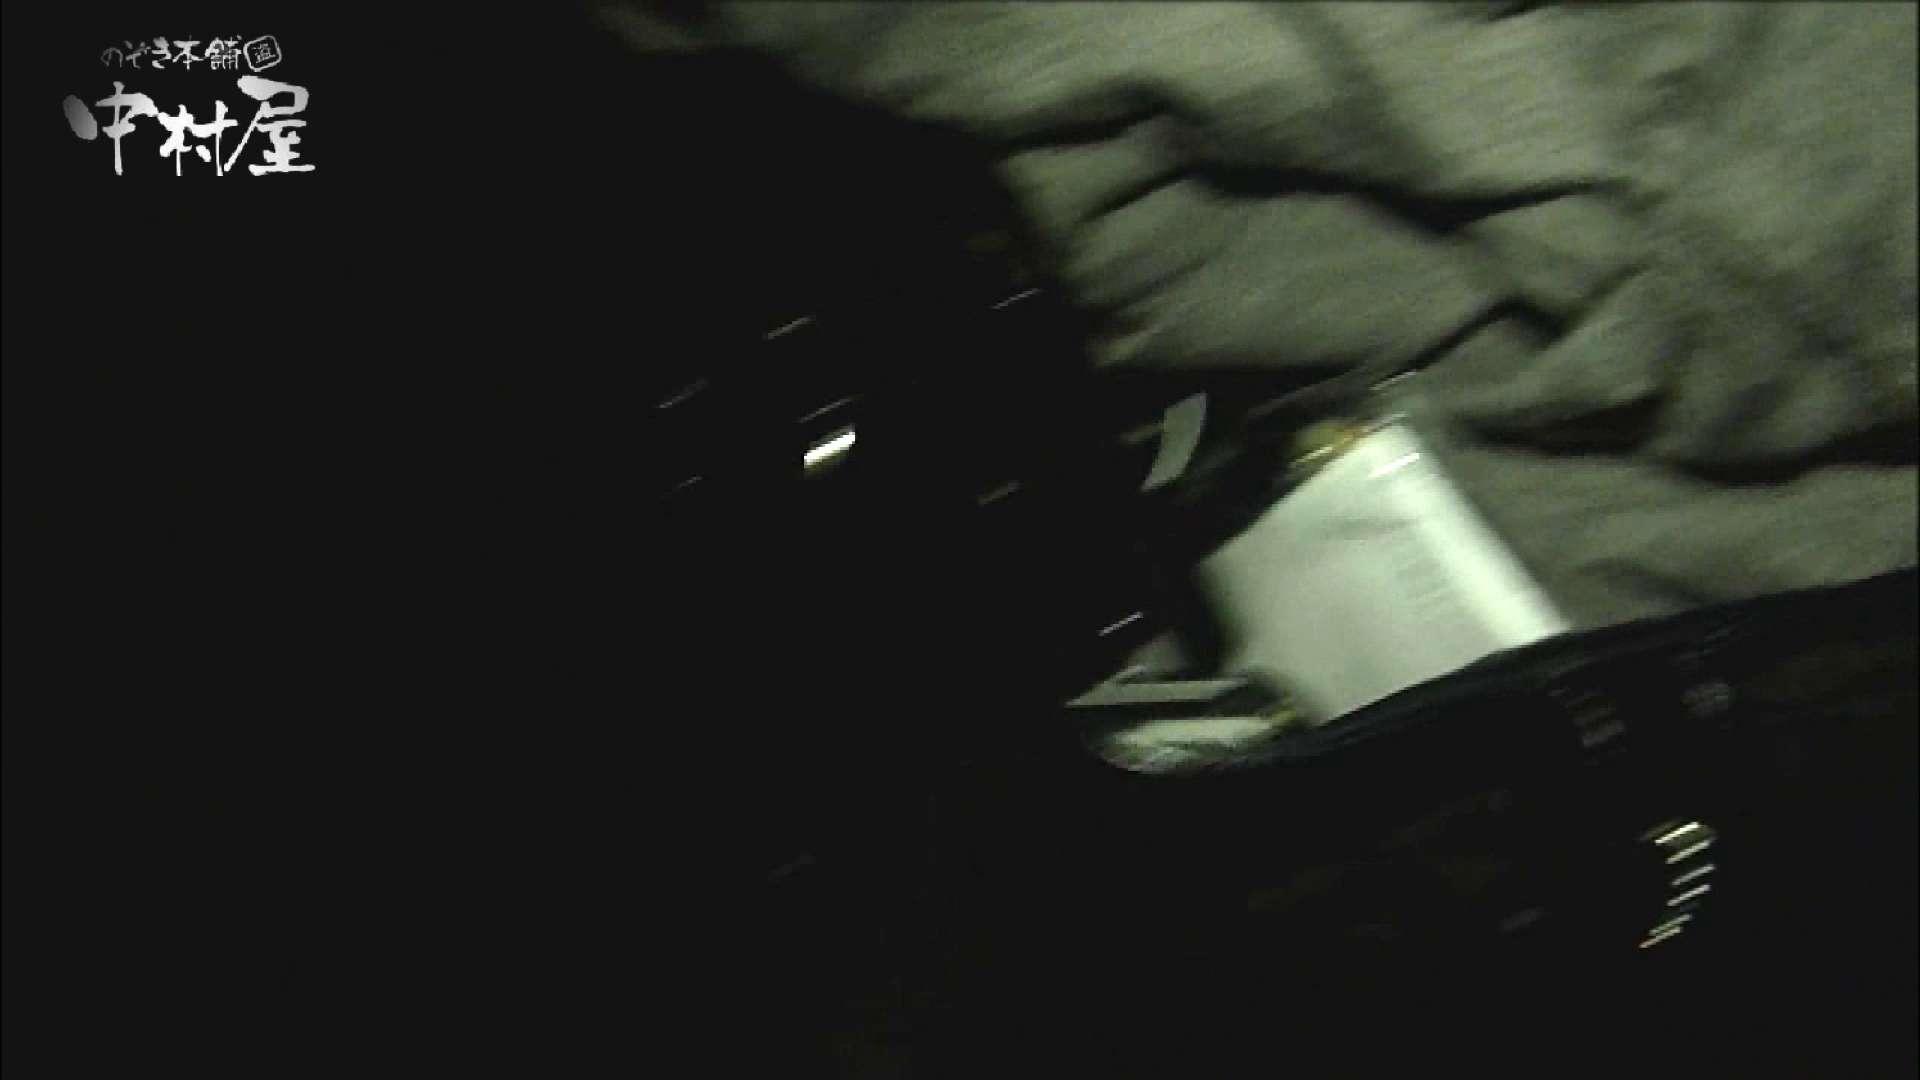 欲望 リアルドール Vol.01 Kちゃんショップ店員店員20歳 OLのエロ生活 性交動画流出 73連発 22